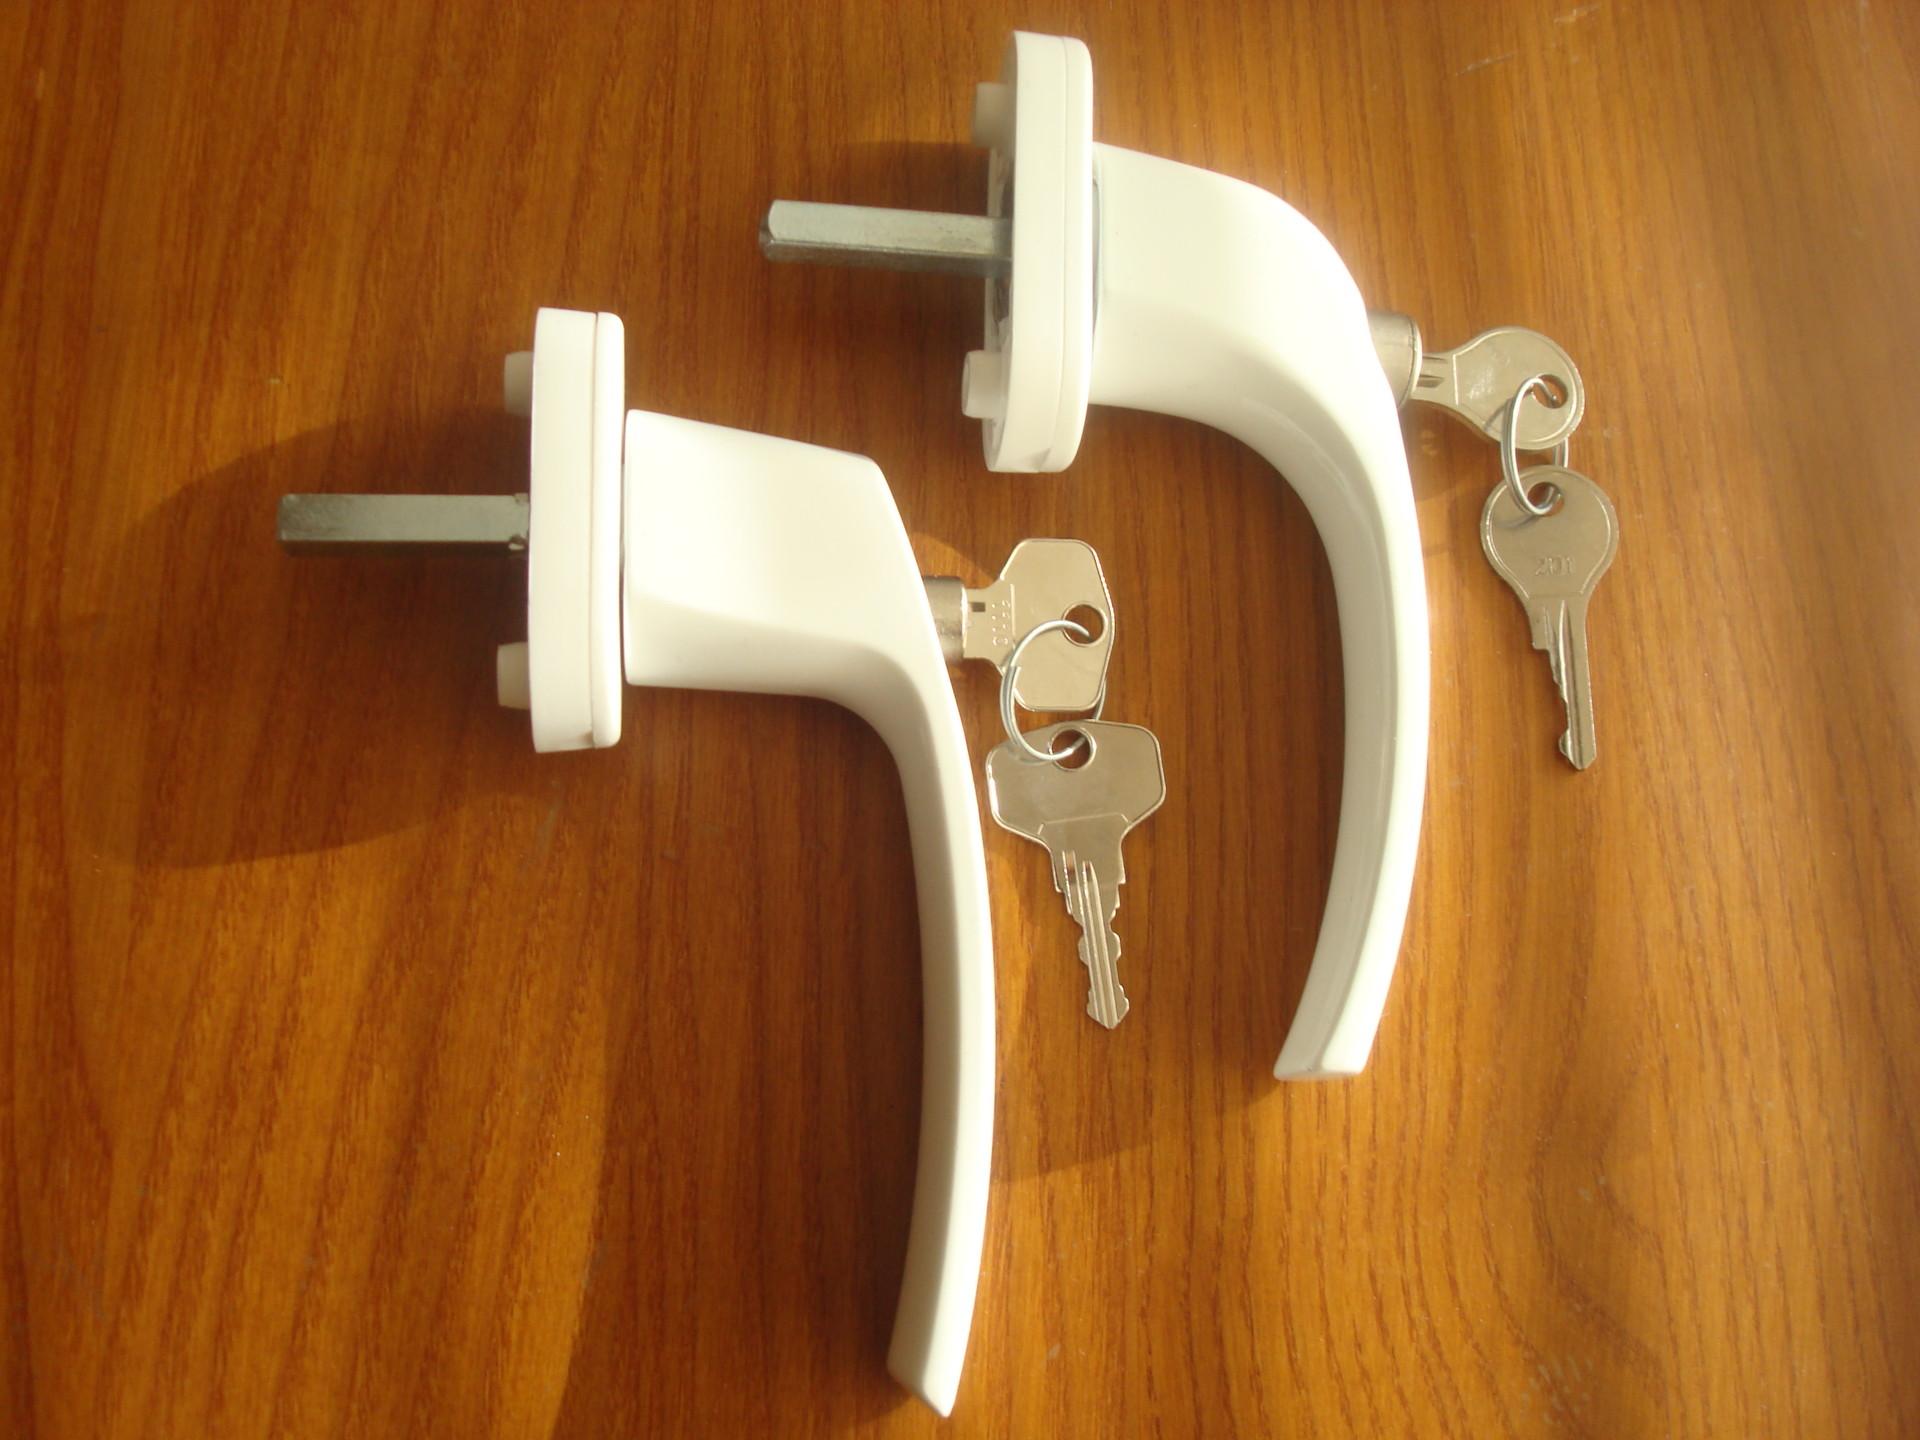 Дверные ручки для межкомнатных дверей с замком: круглые, наж.